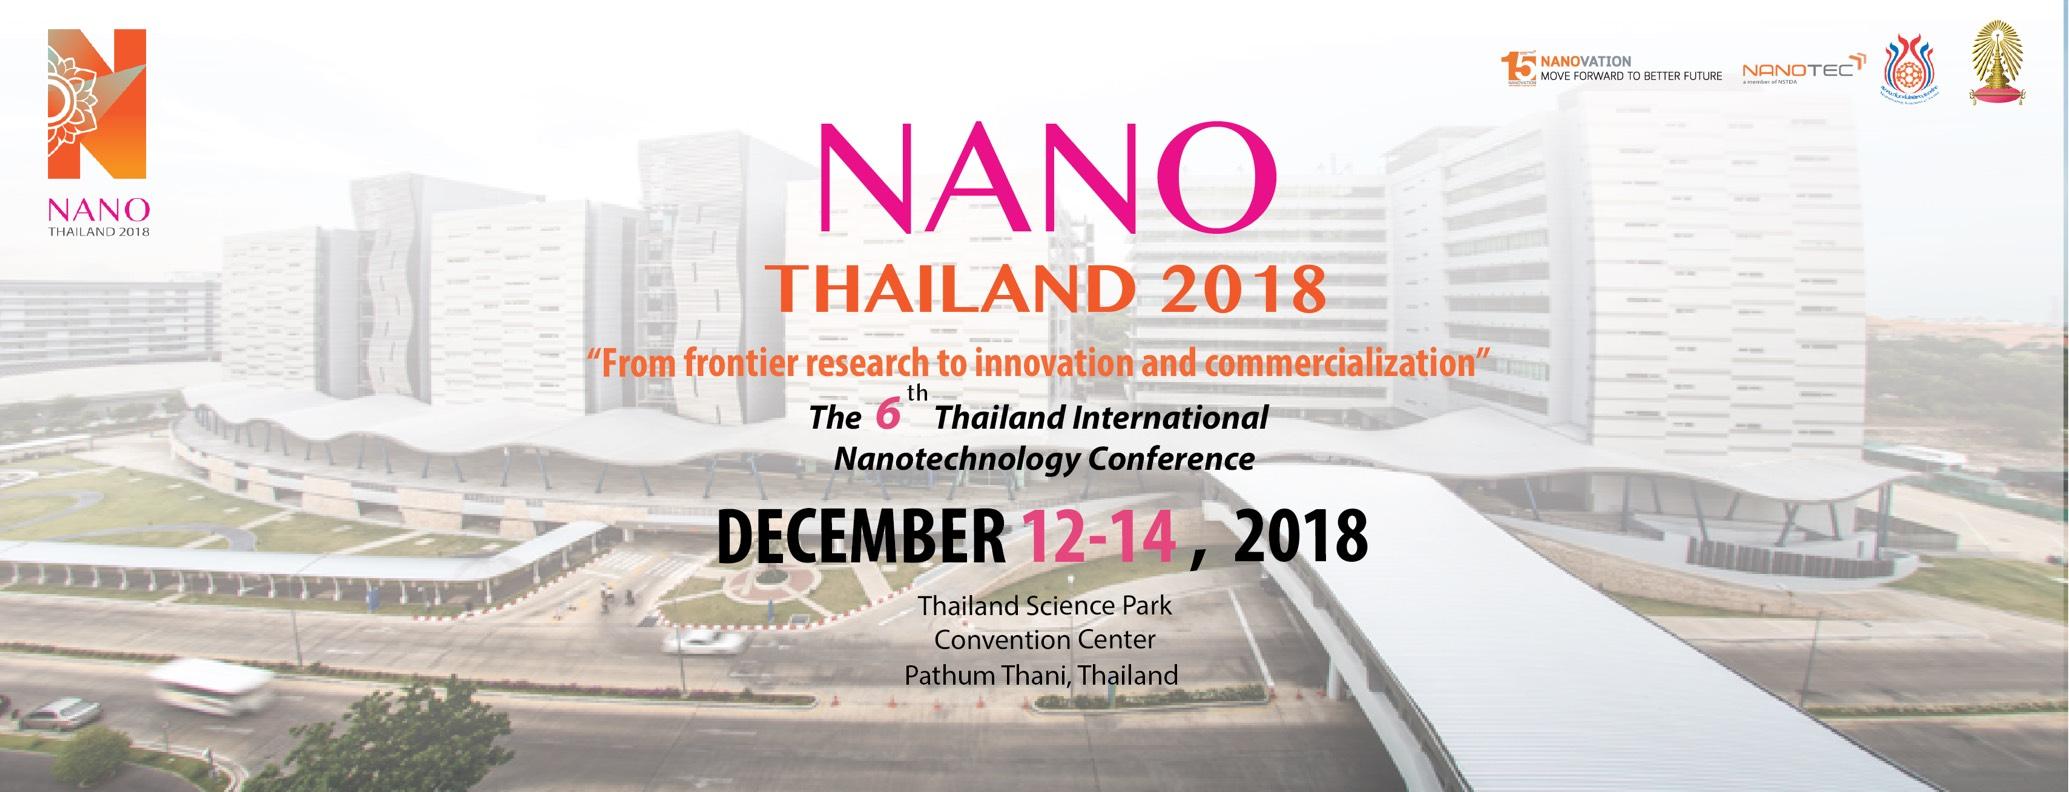 งานประชุมวิชาการและงานนิทรรศการ NanoThailand 2018